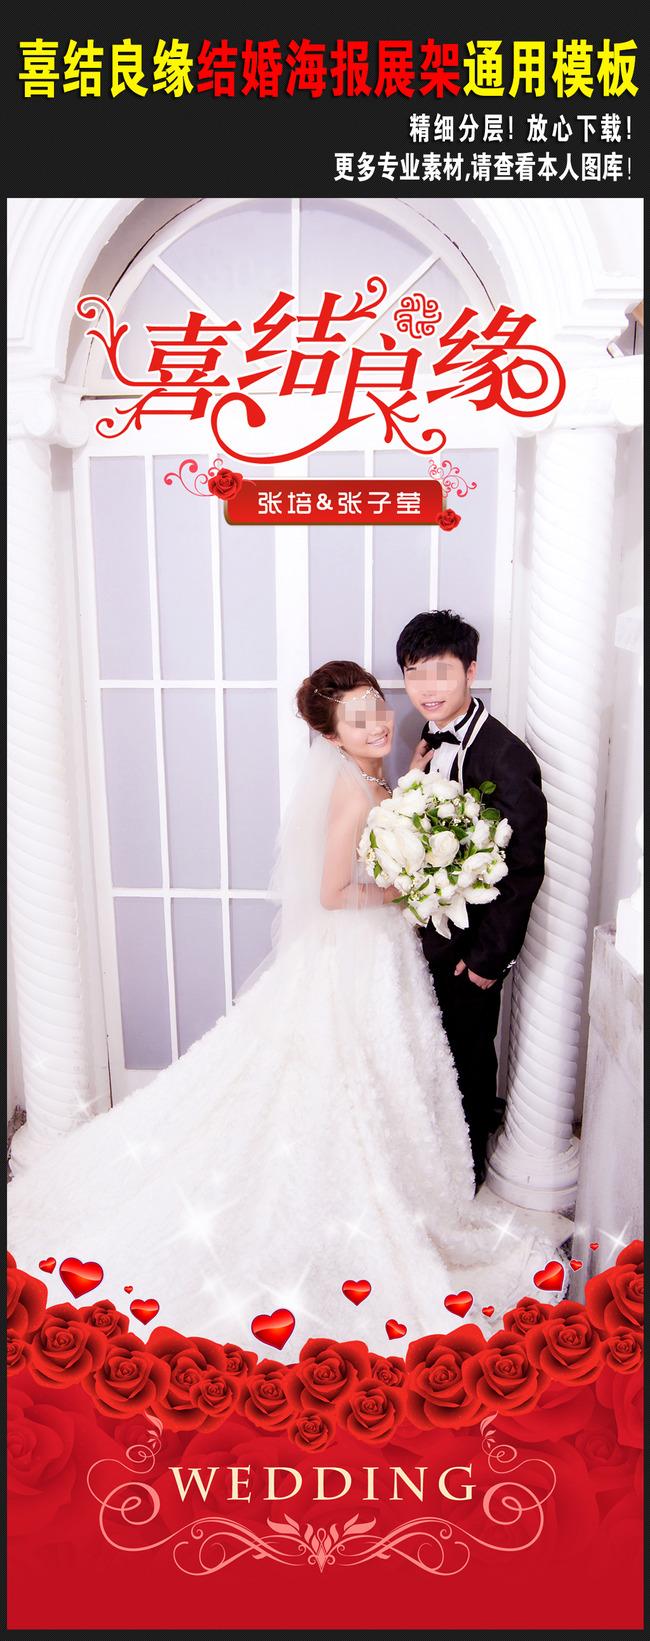 结婚海报展架模板下载